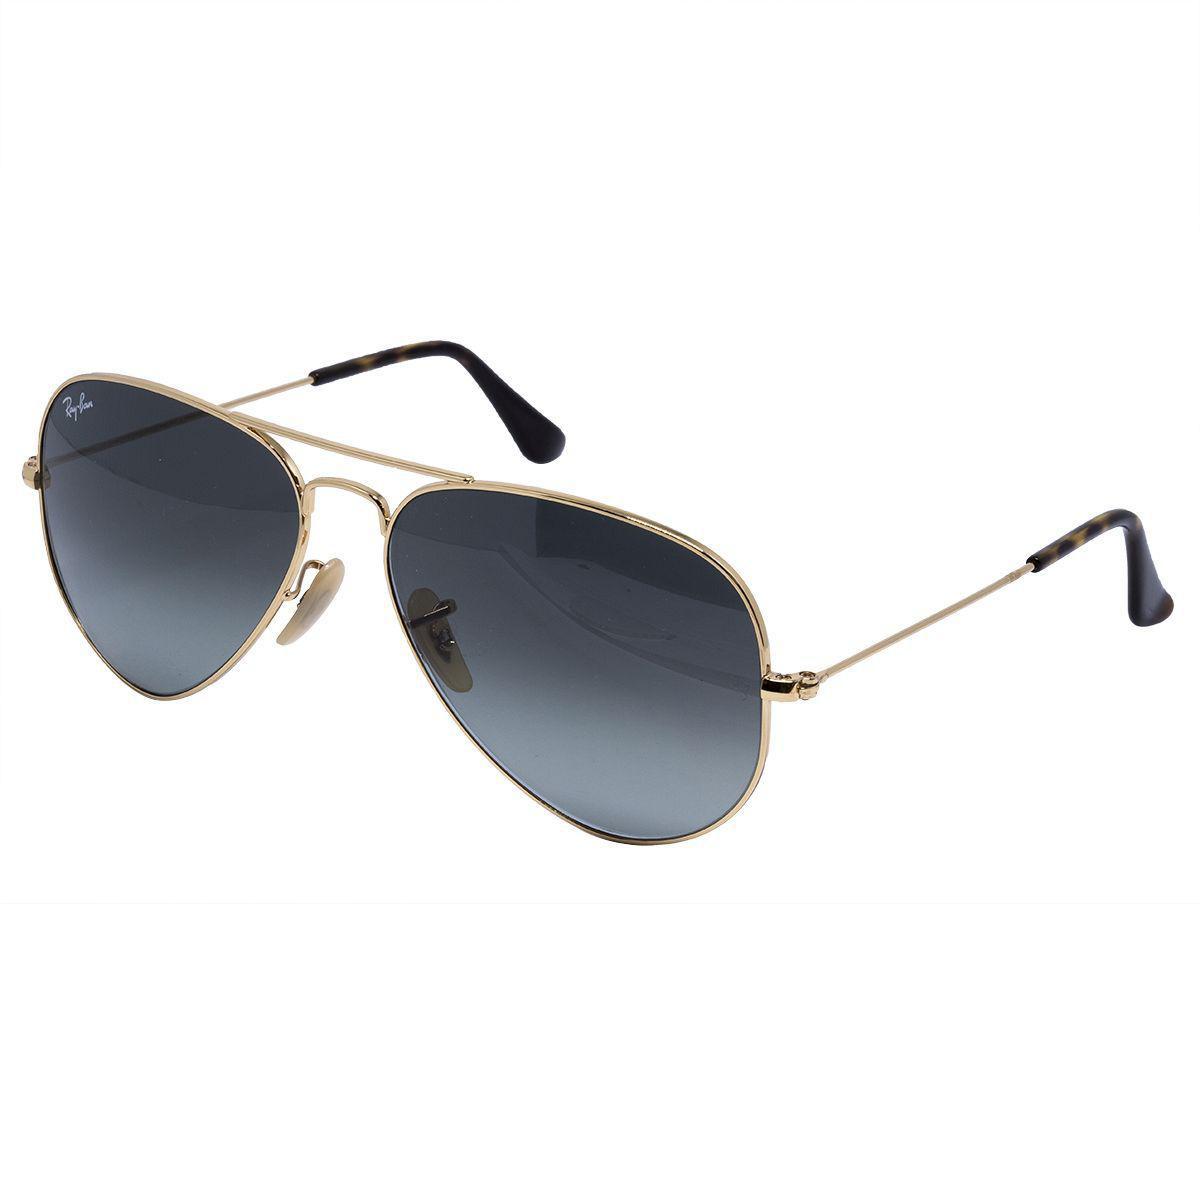 3919dc557f793 Óculos de Sol Ray Ban aviador RB3025 - metal dourado, lente cinza degradê. R   559,00 à vista. Adicionar à sacola